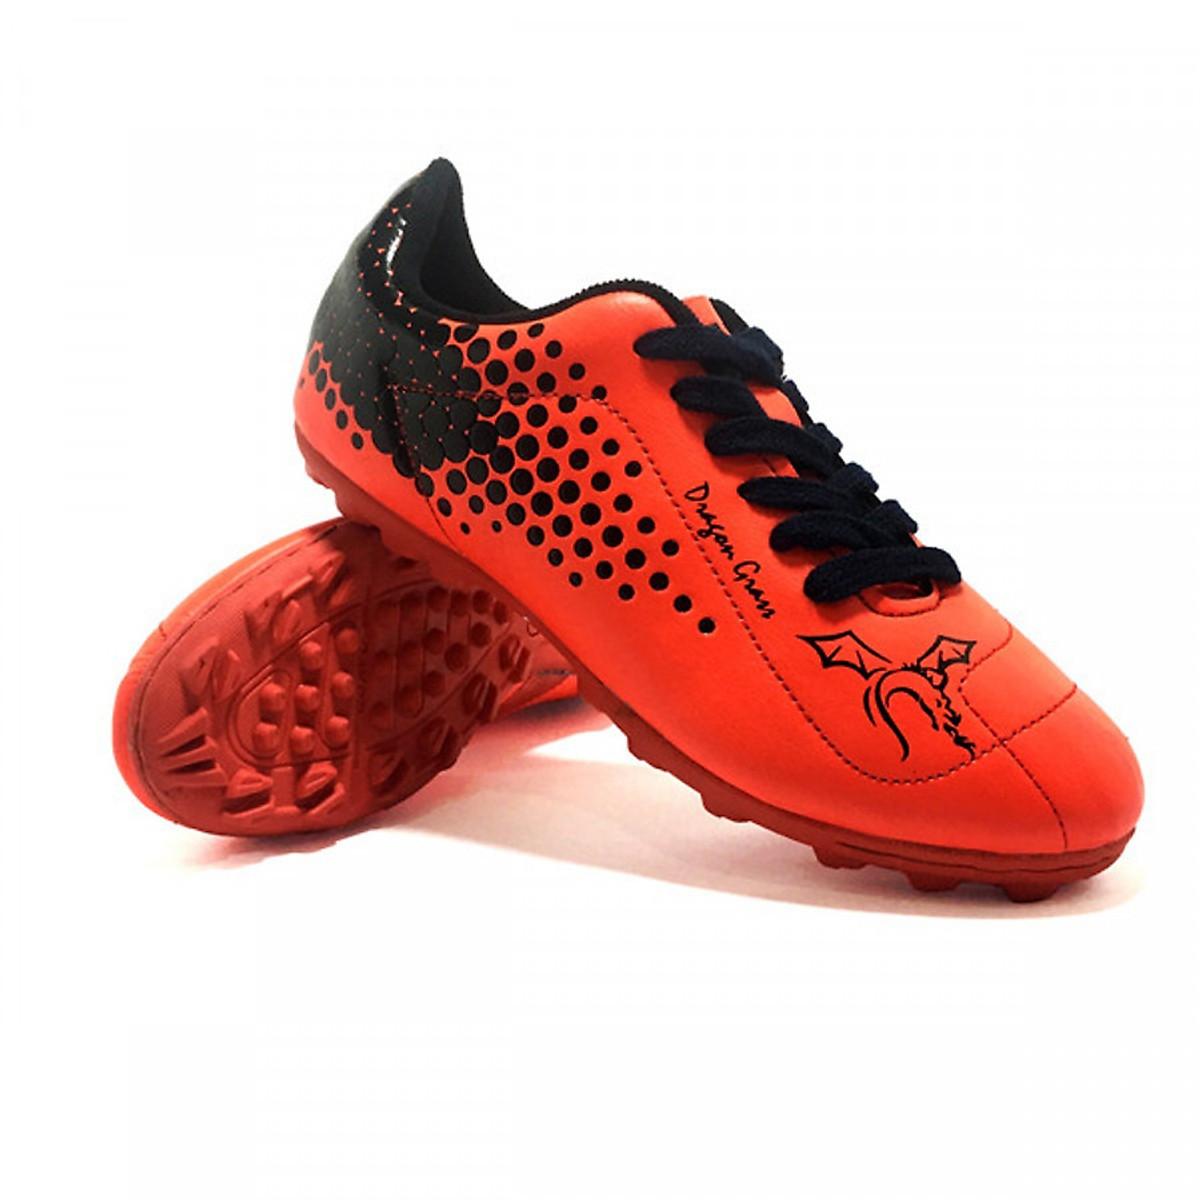 Giày bóng đá sân cỏ nhân tạo CoaVu Dragon